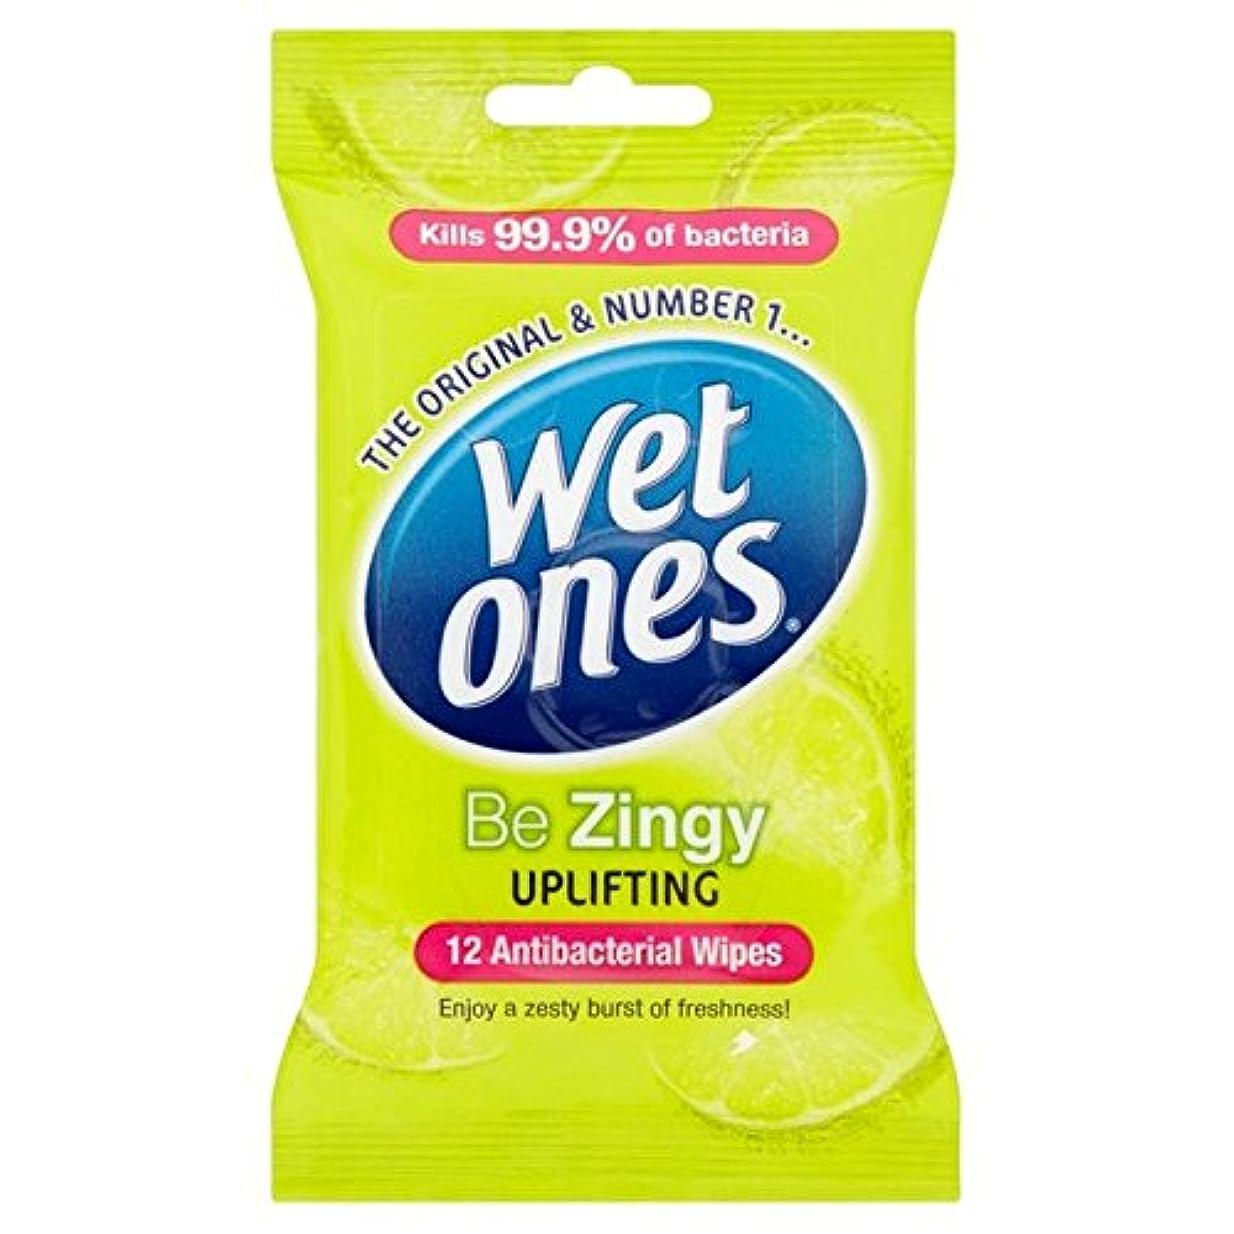 脳共感する連帯抗バクテリアをクレンジング湿ったものはパックごとに12ワイプ x2 - Wet Ones Cleansing Anti Bacterial Wipes 12 per pack (Pack of 2) [並行輸入品]